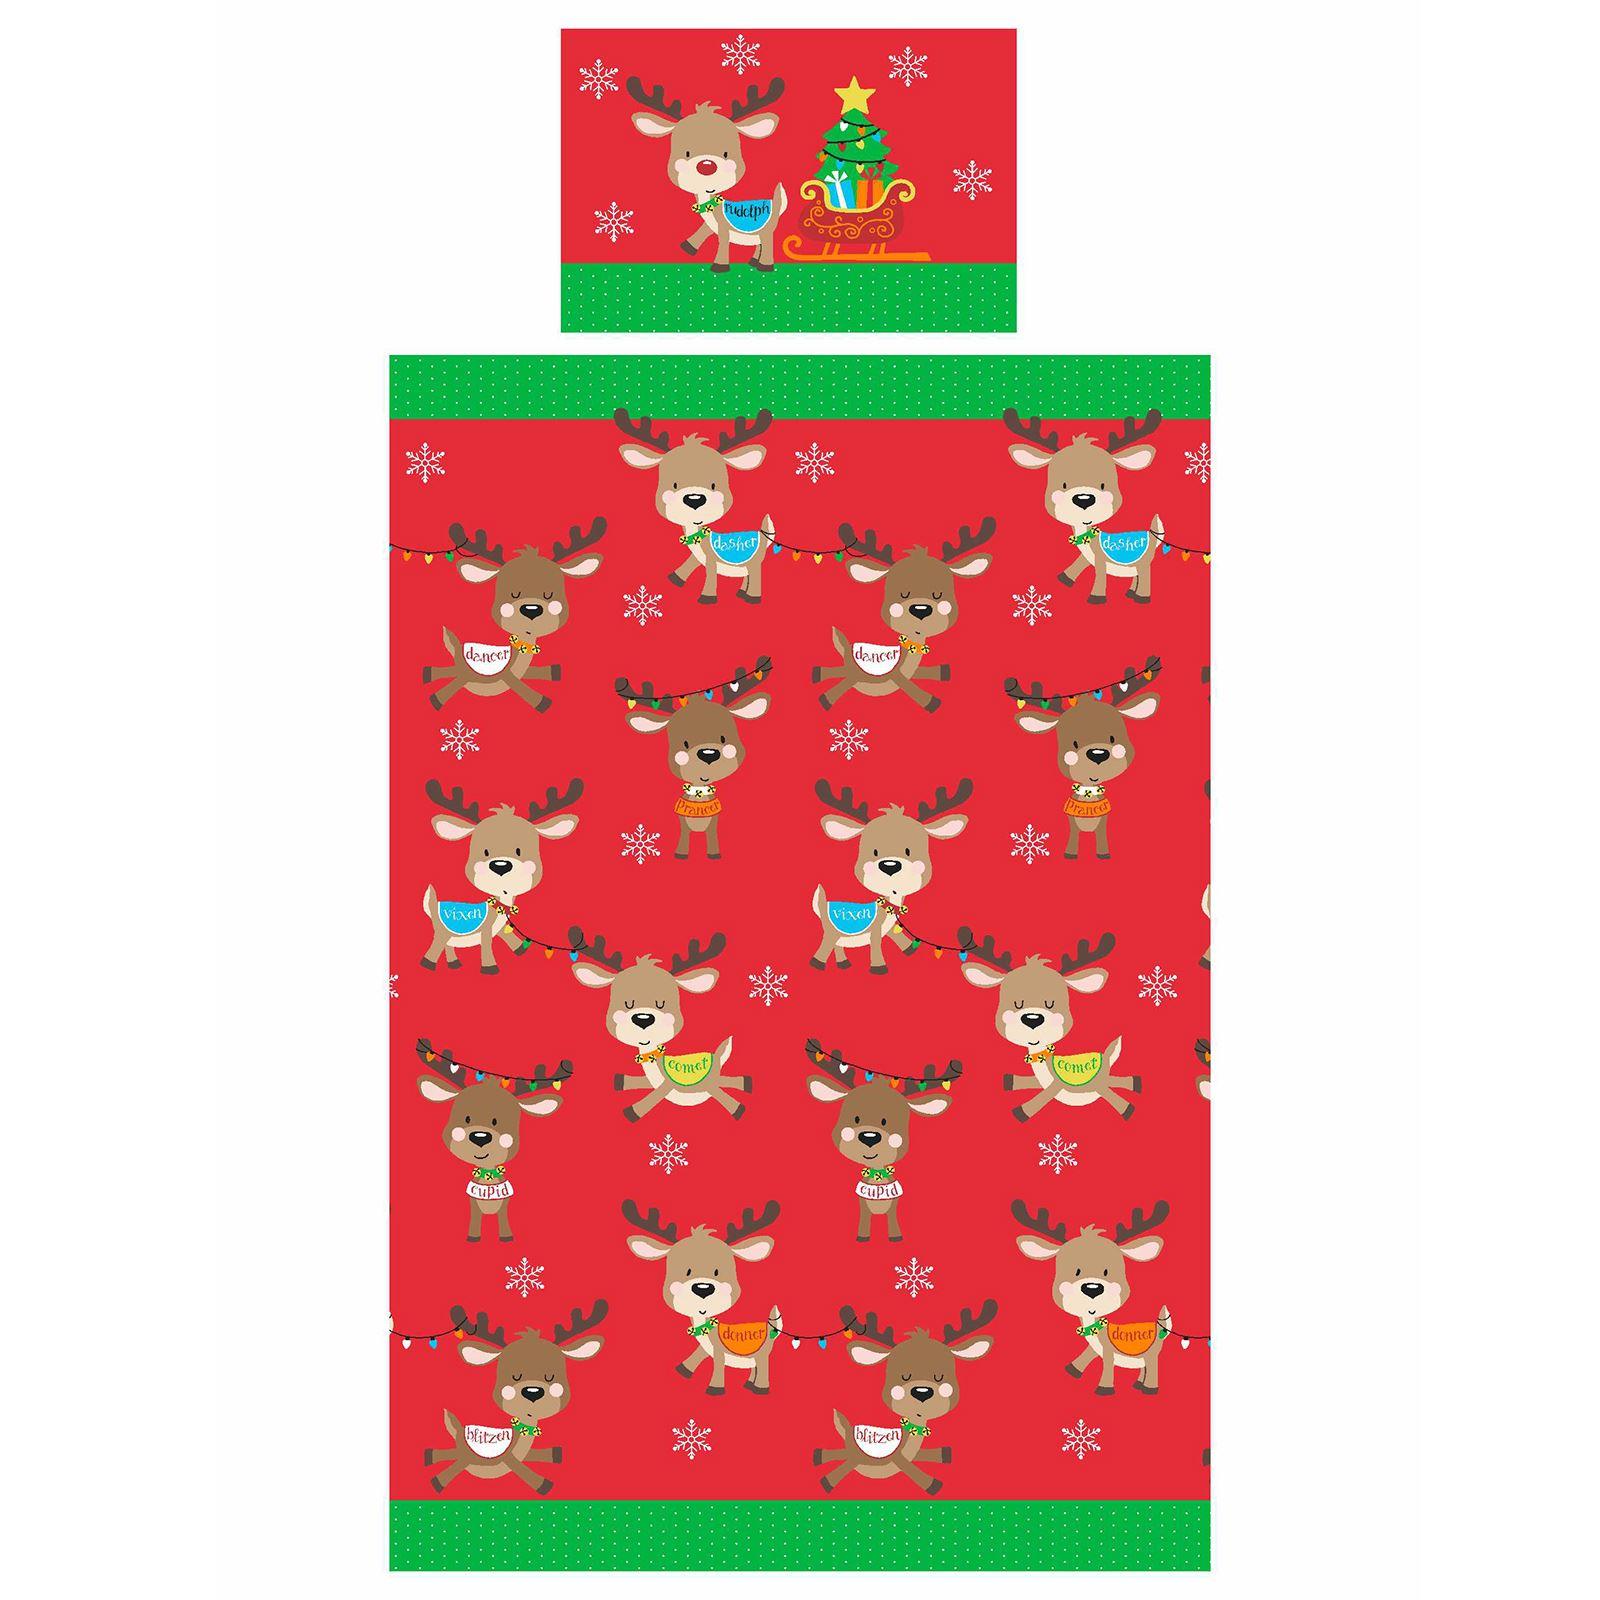 Indexbild 65 - Kinder Weihnachten Bettbezug Sets - Junior Einzel Doppel King - Elf Emoji Grinch